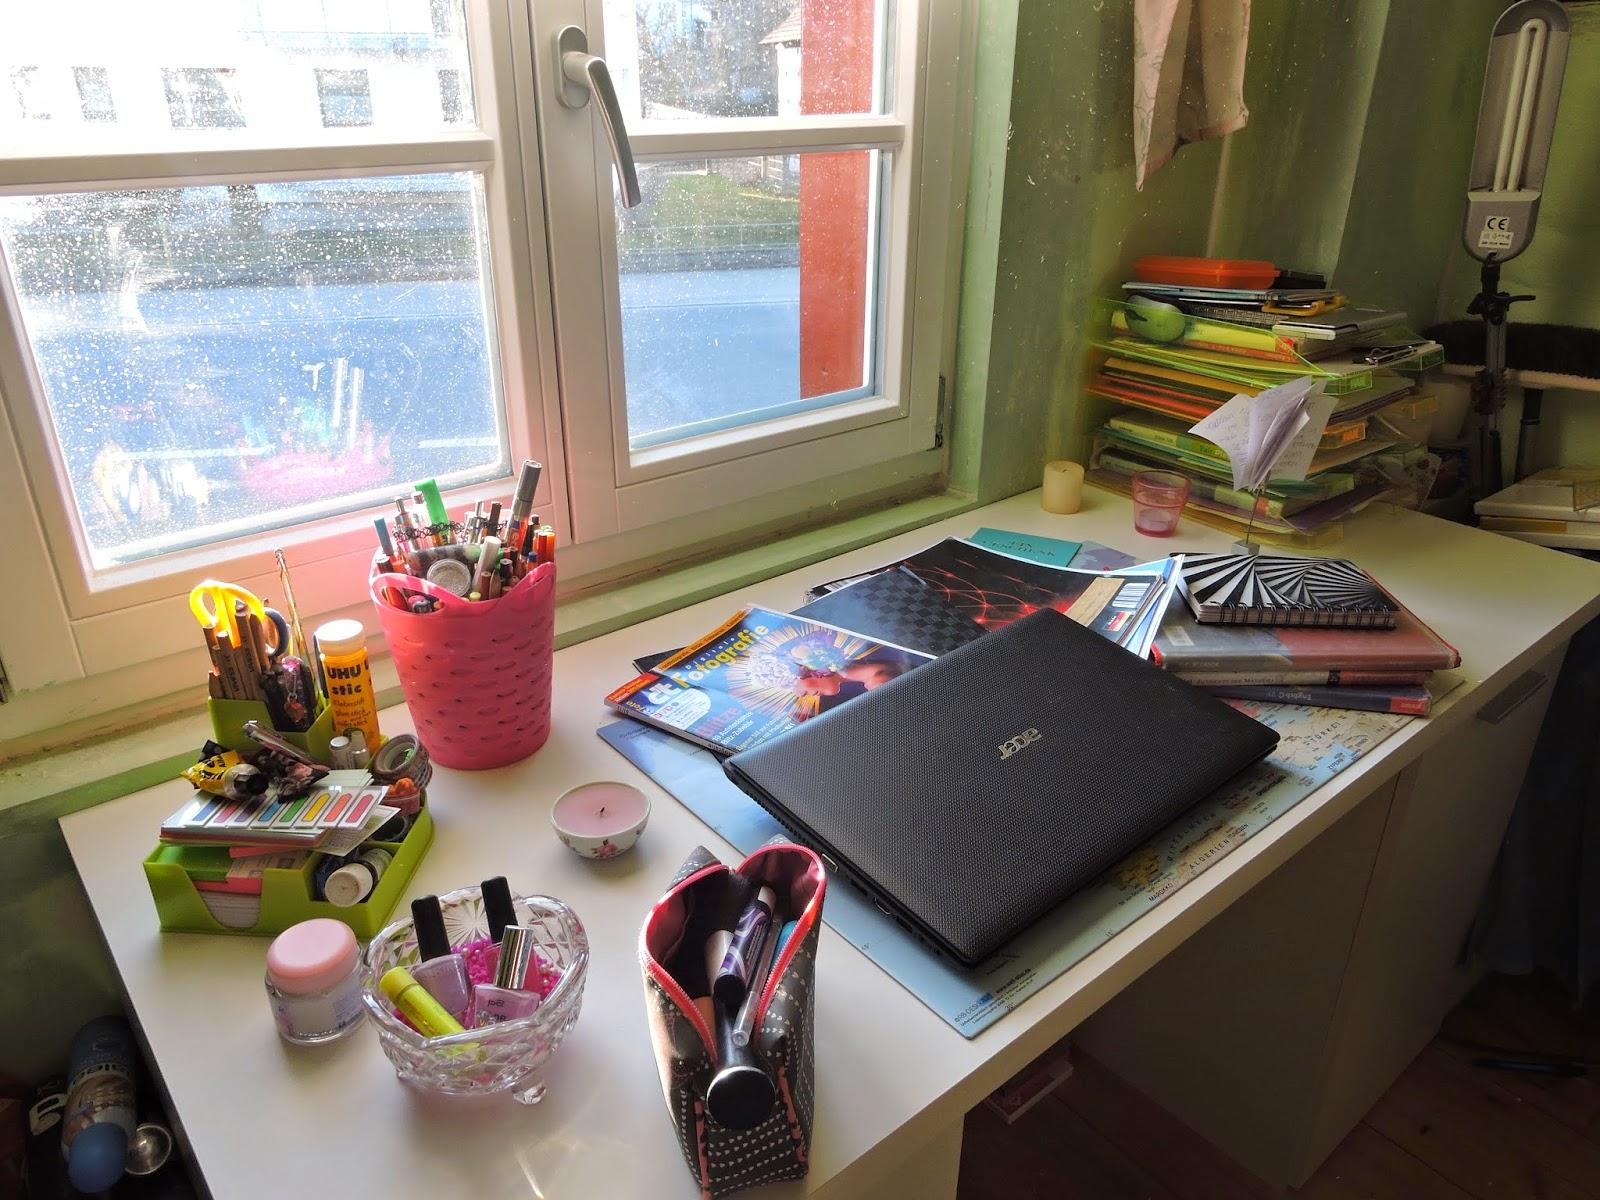 viktorias fashionblog diy whiteboard schreibtisch organisation. Black Bedroom Furniture Sets. Home Design Ideas